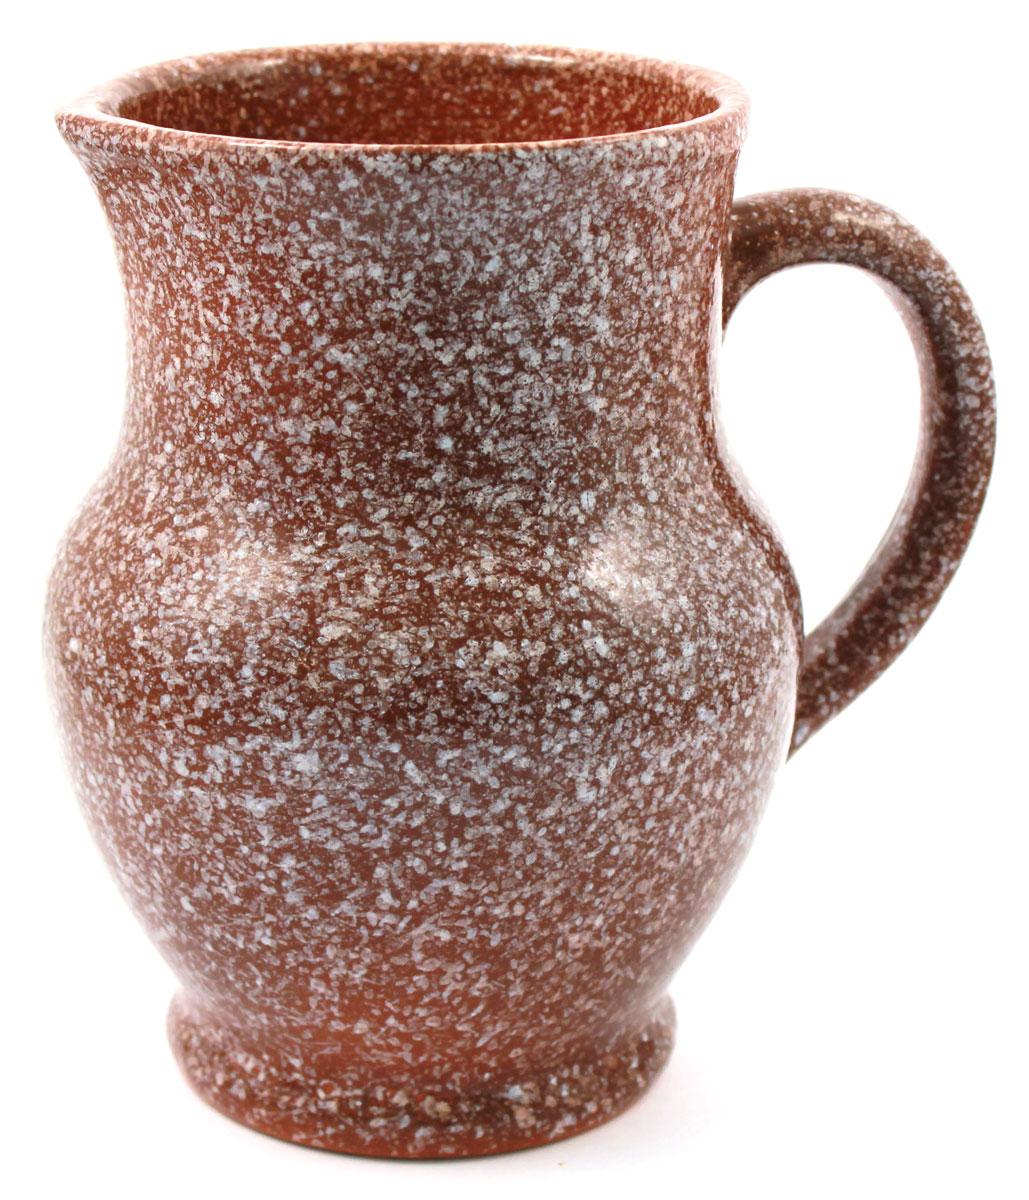 Кувшин Ломоносовская керамика, 1,3 л, мрамор. Цвет: коричневый. 1К3мк-11К3мк-1